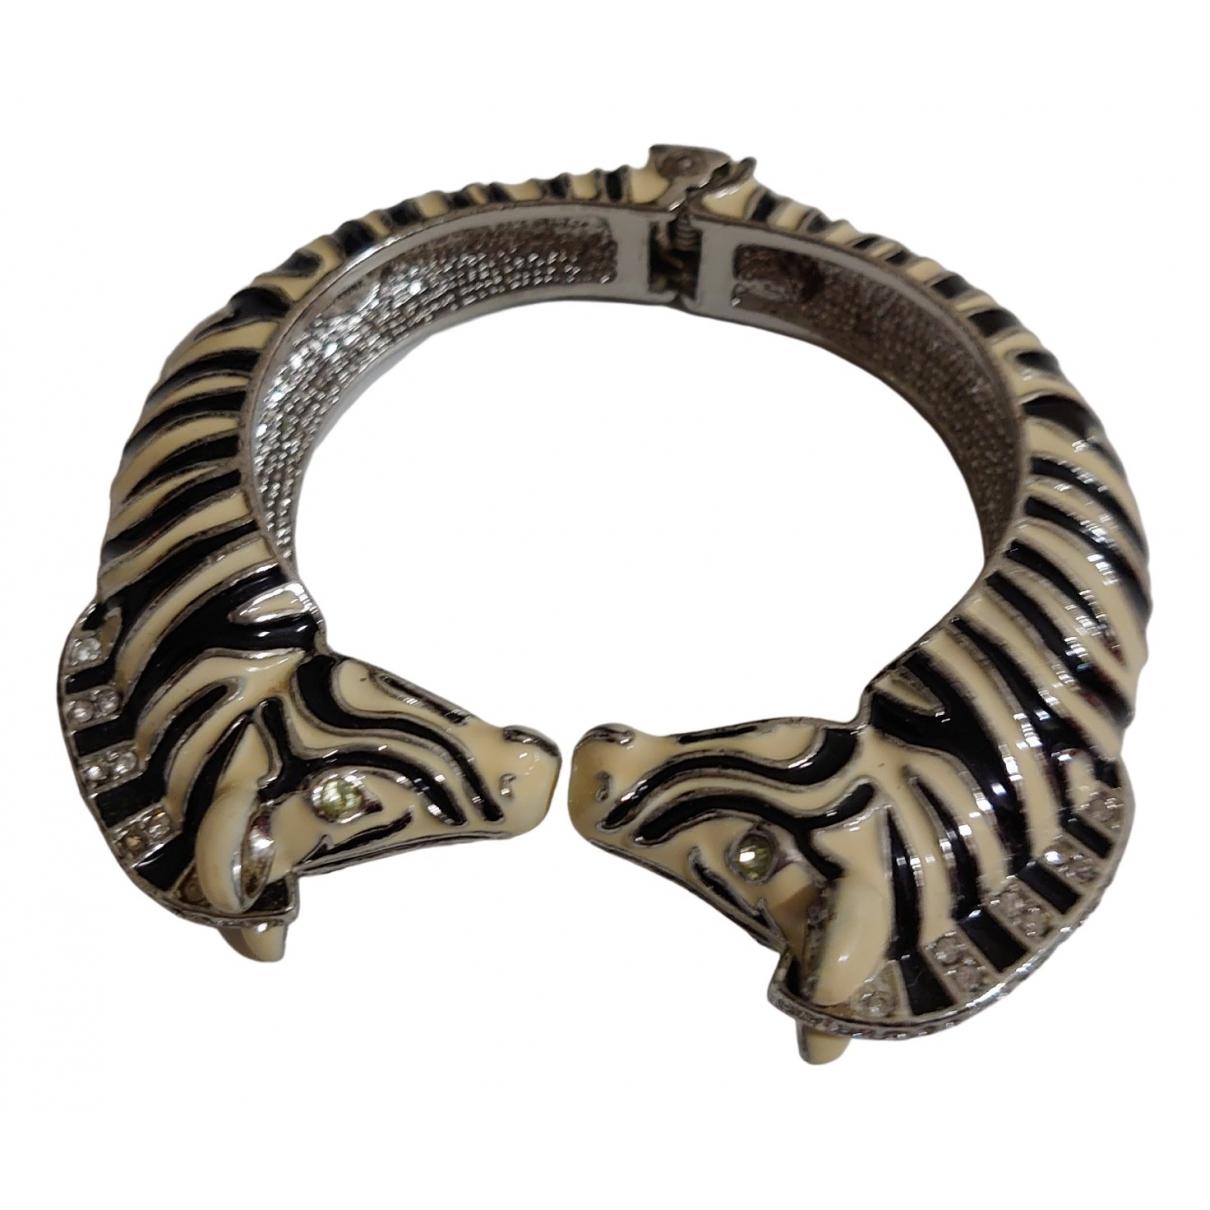 Juicy Couture - Bracelet   pour femme en metal - multicolore